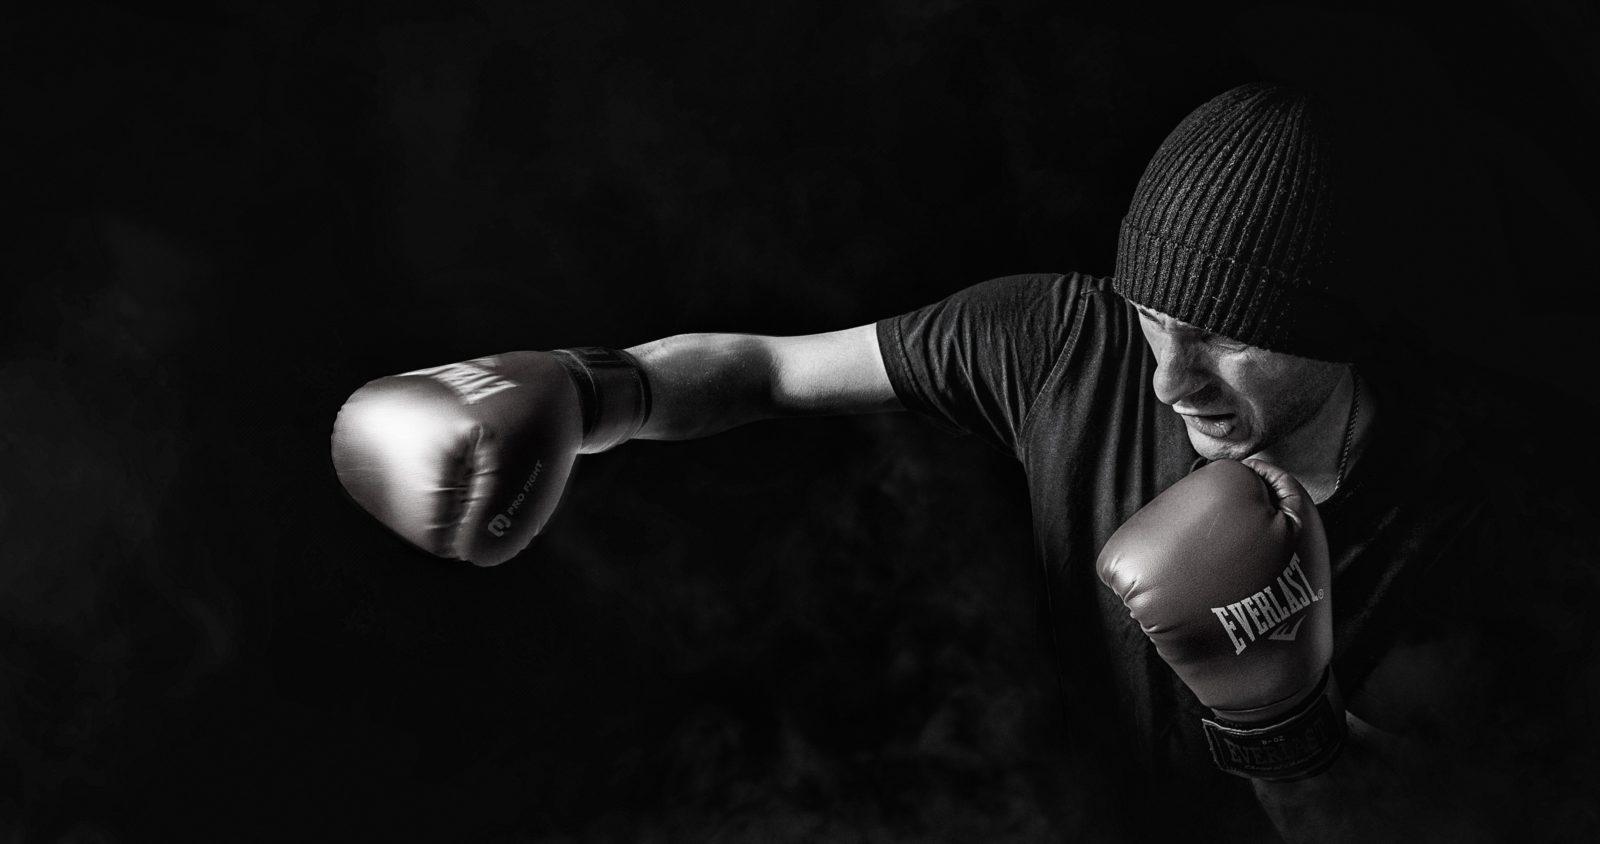 Правила и особенности спортивного питания после тренировки